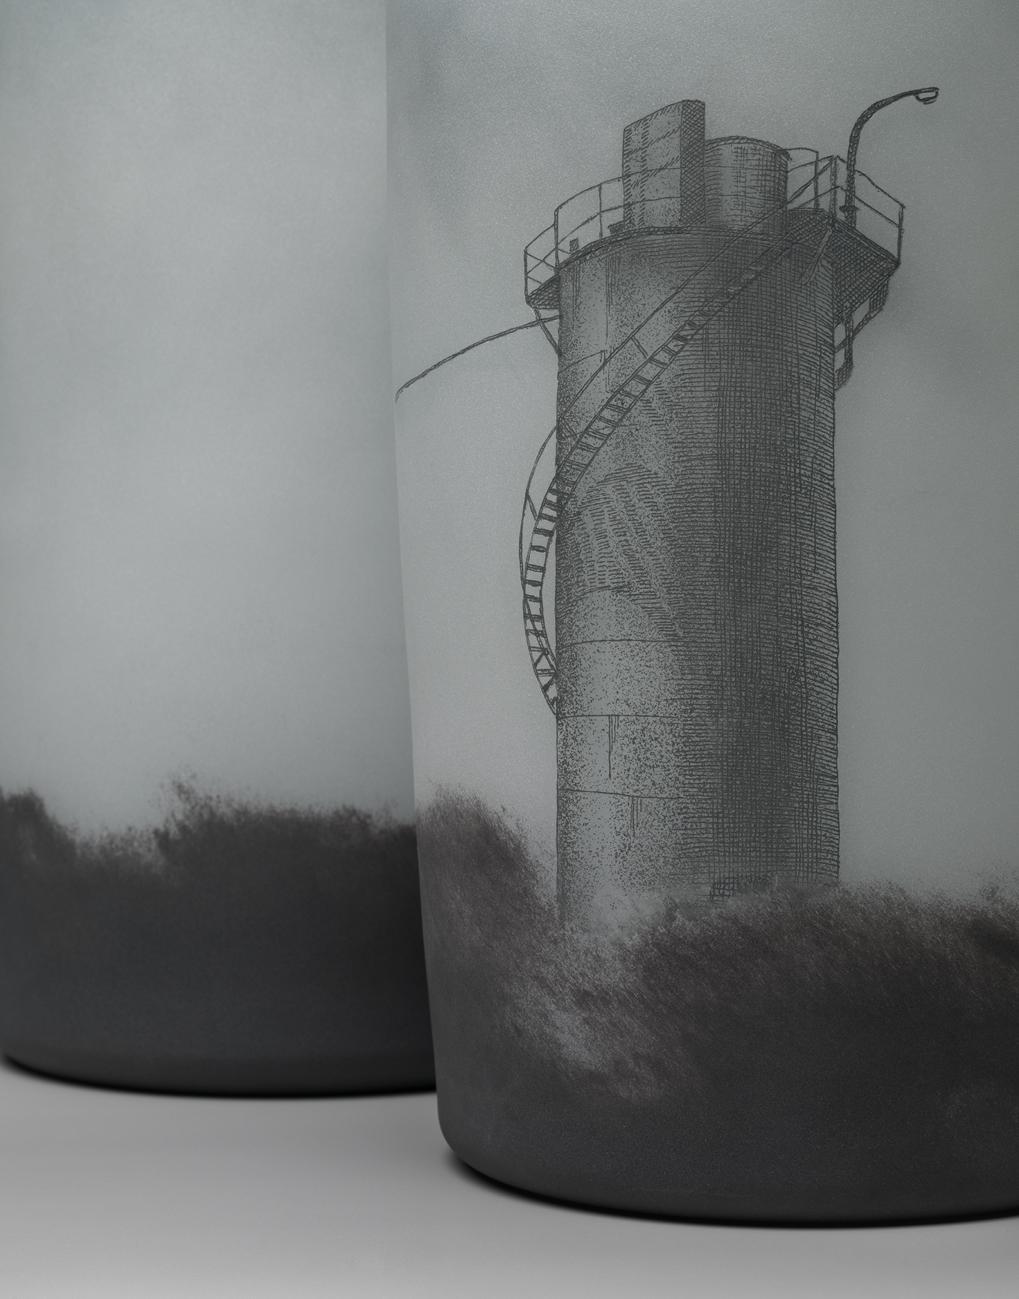 Water Pressure Series-1 -detail